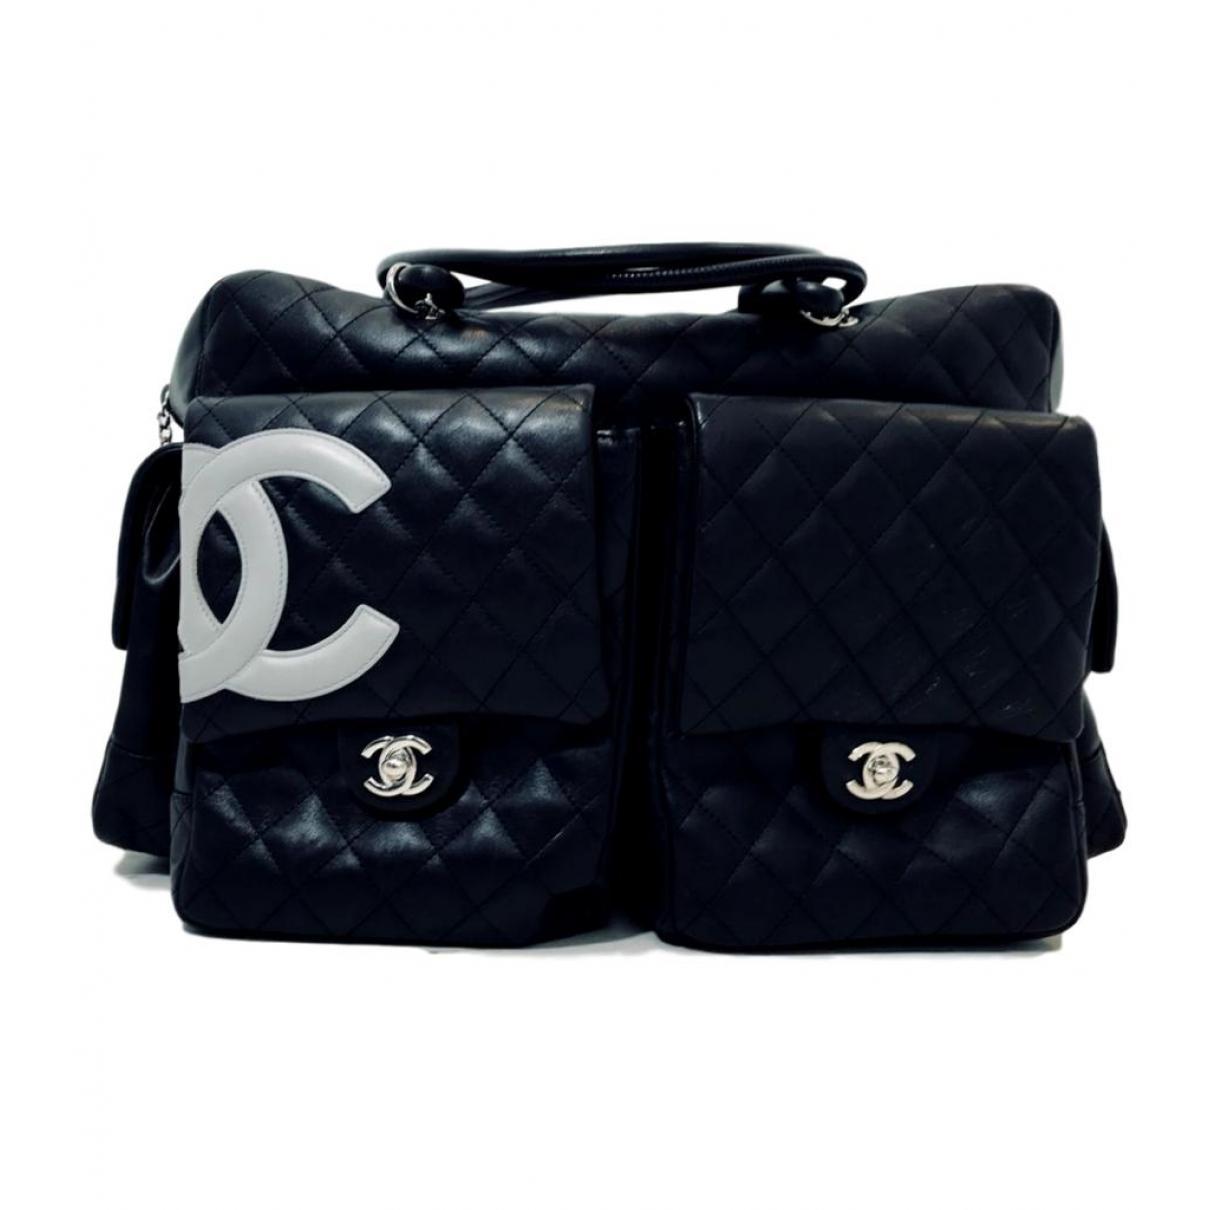 449530cdd68 Lyst - Sac 48h Cambon en cuir Chanel en coloris Noir